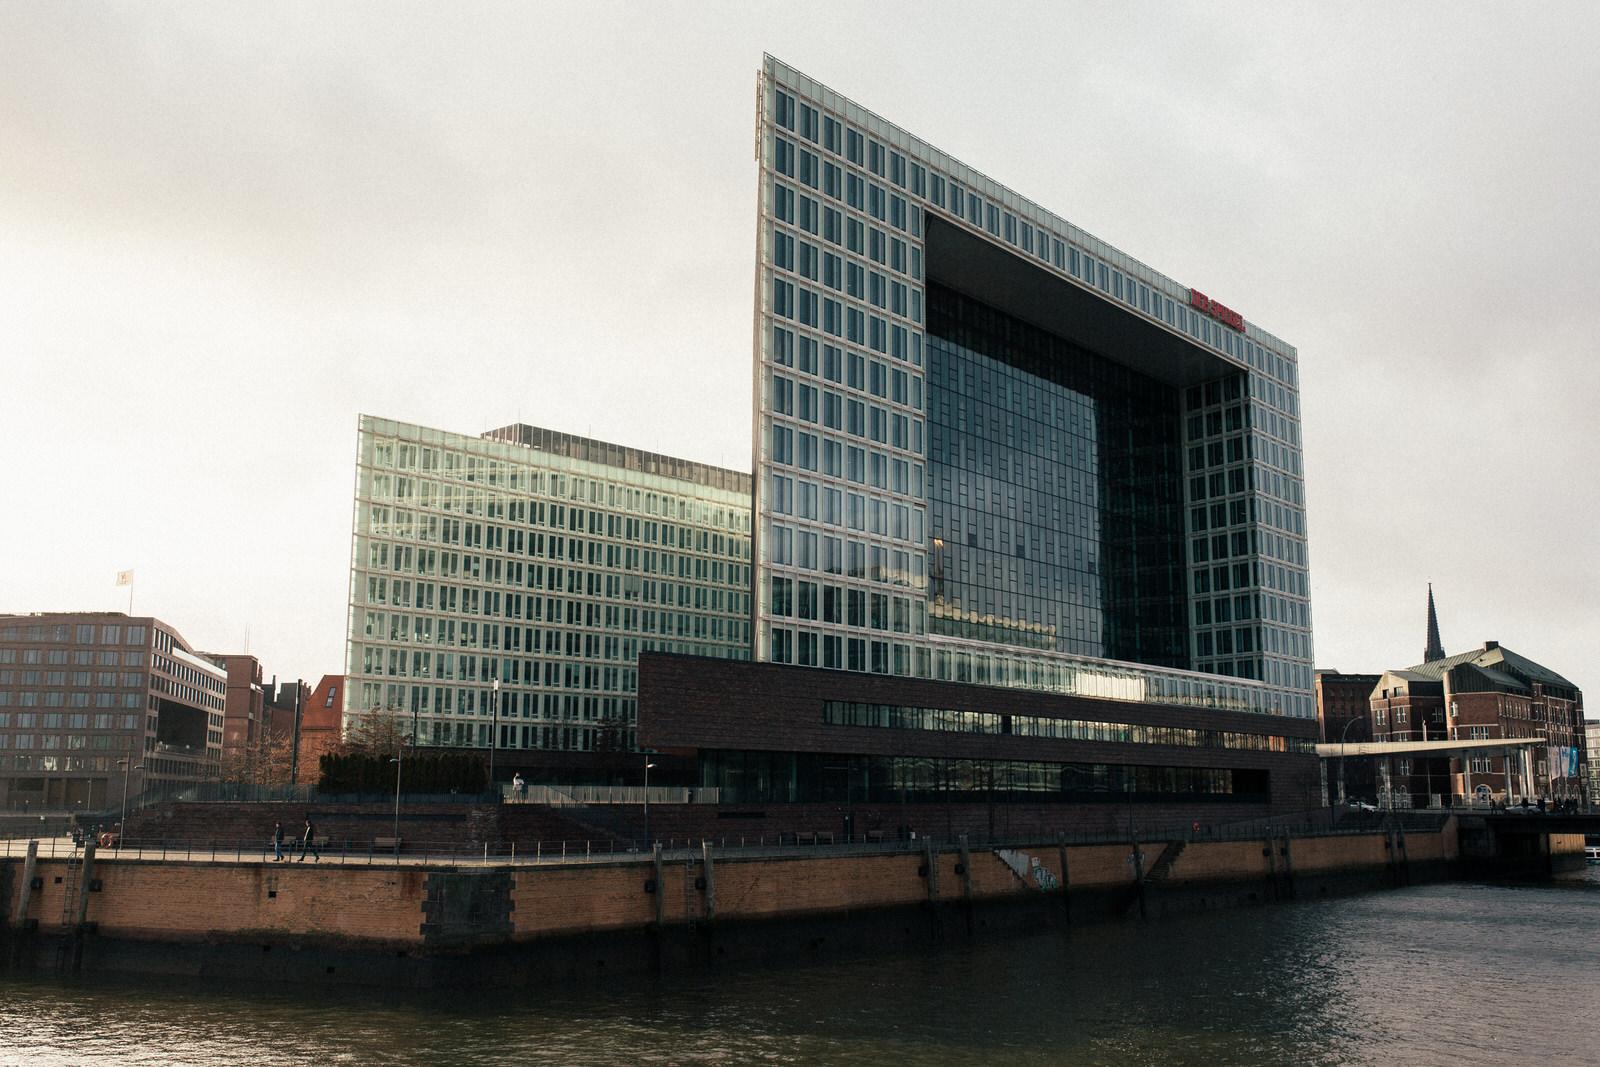 20181230_Alles Mögliche_Hamburg_003.jpg